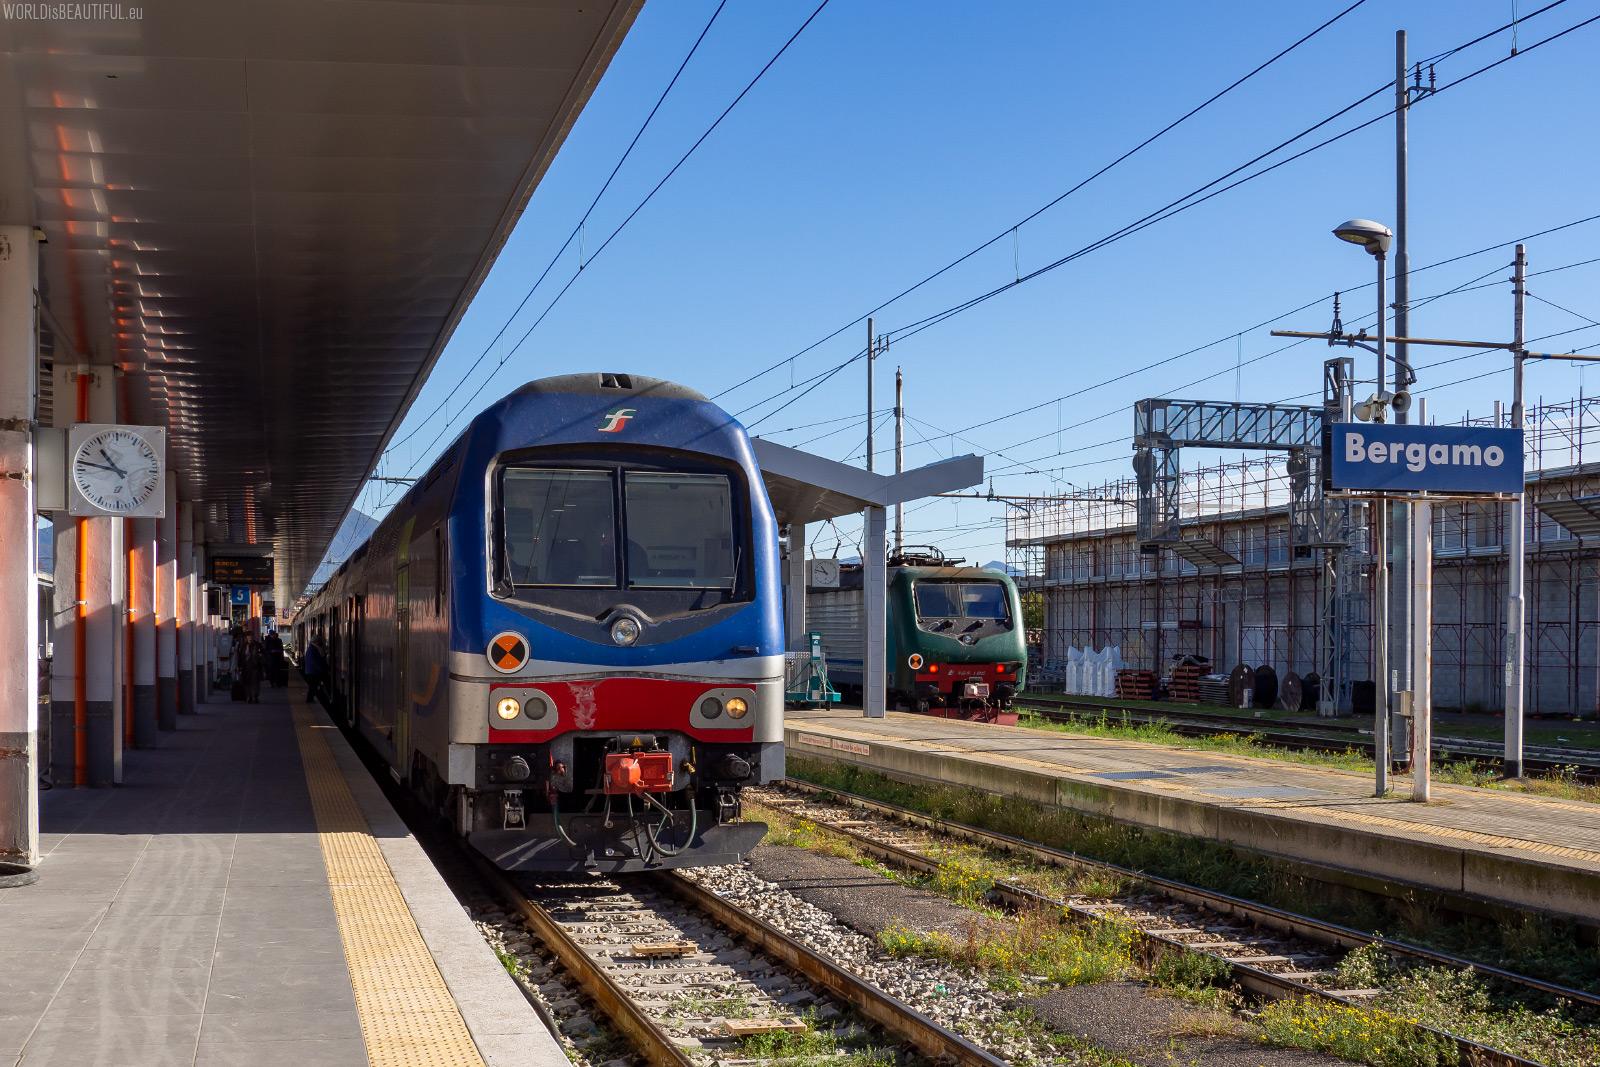 Dworzec kolejowy w Bergamo